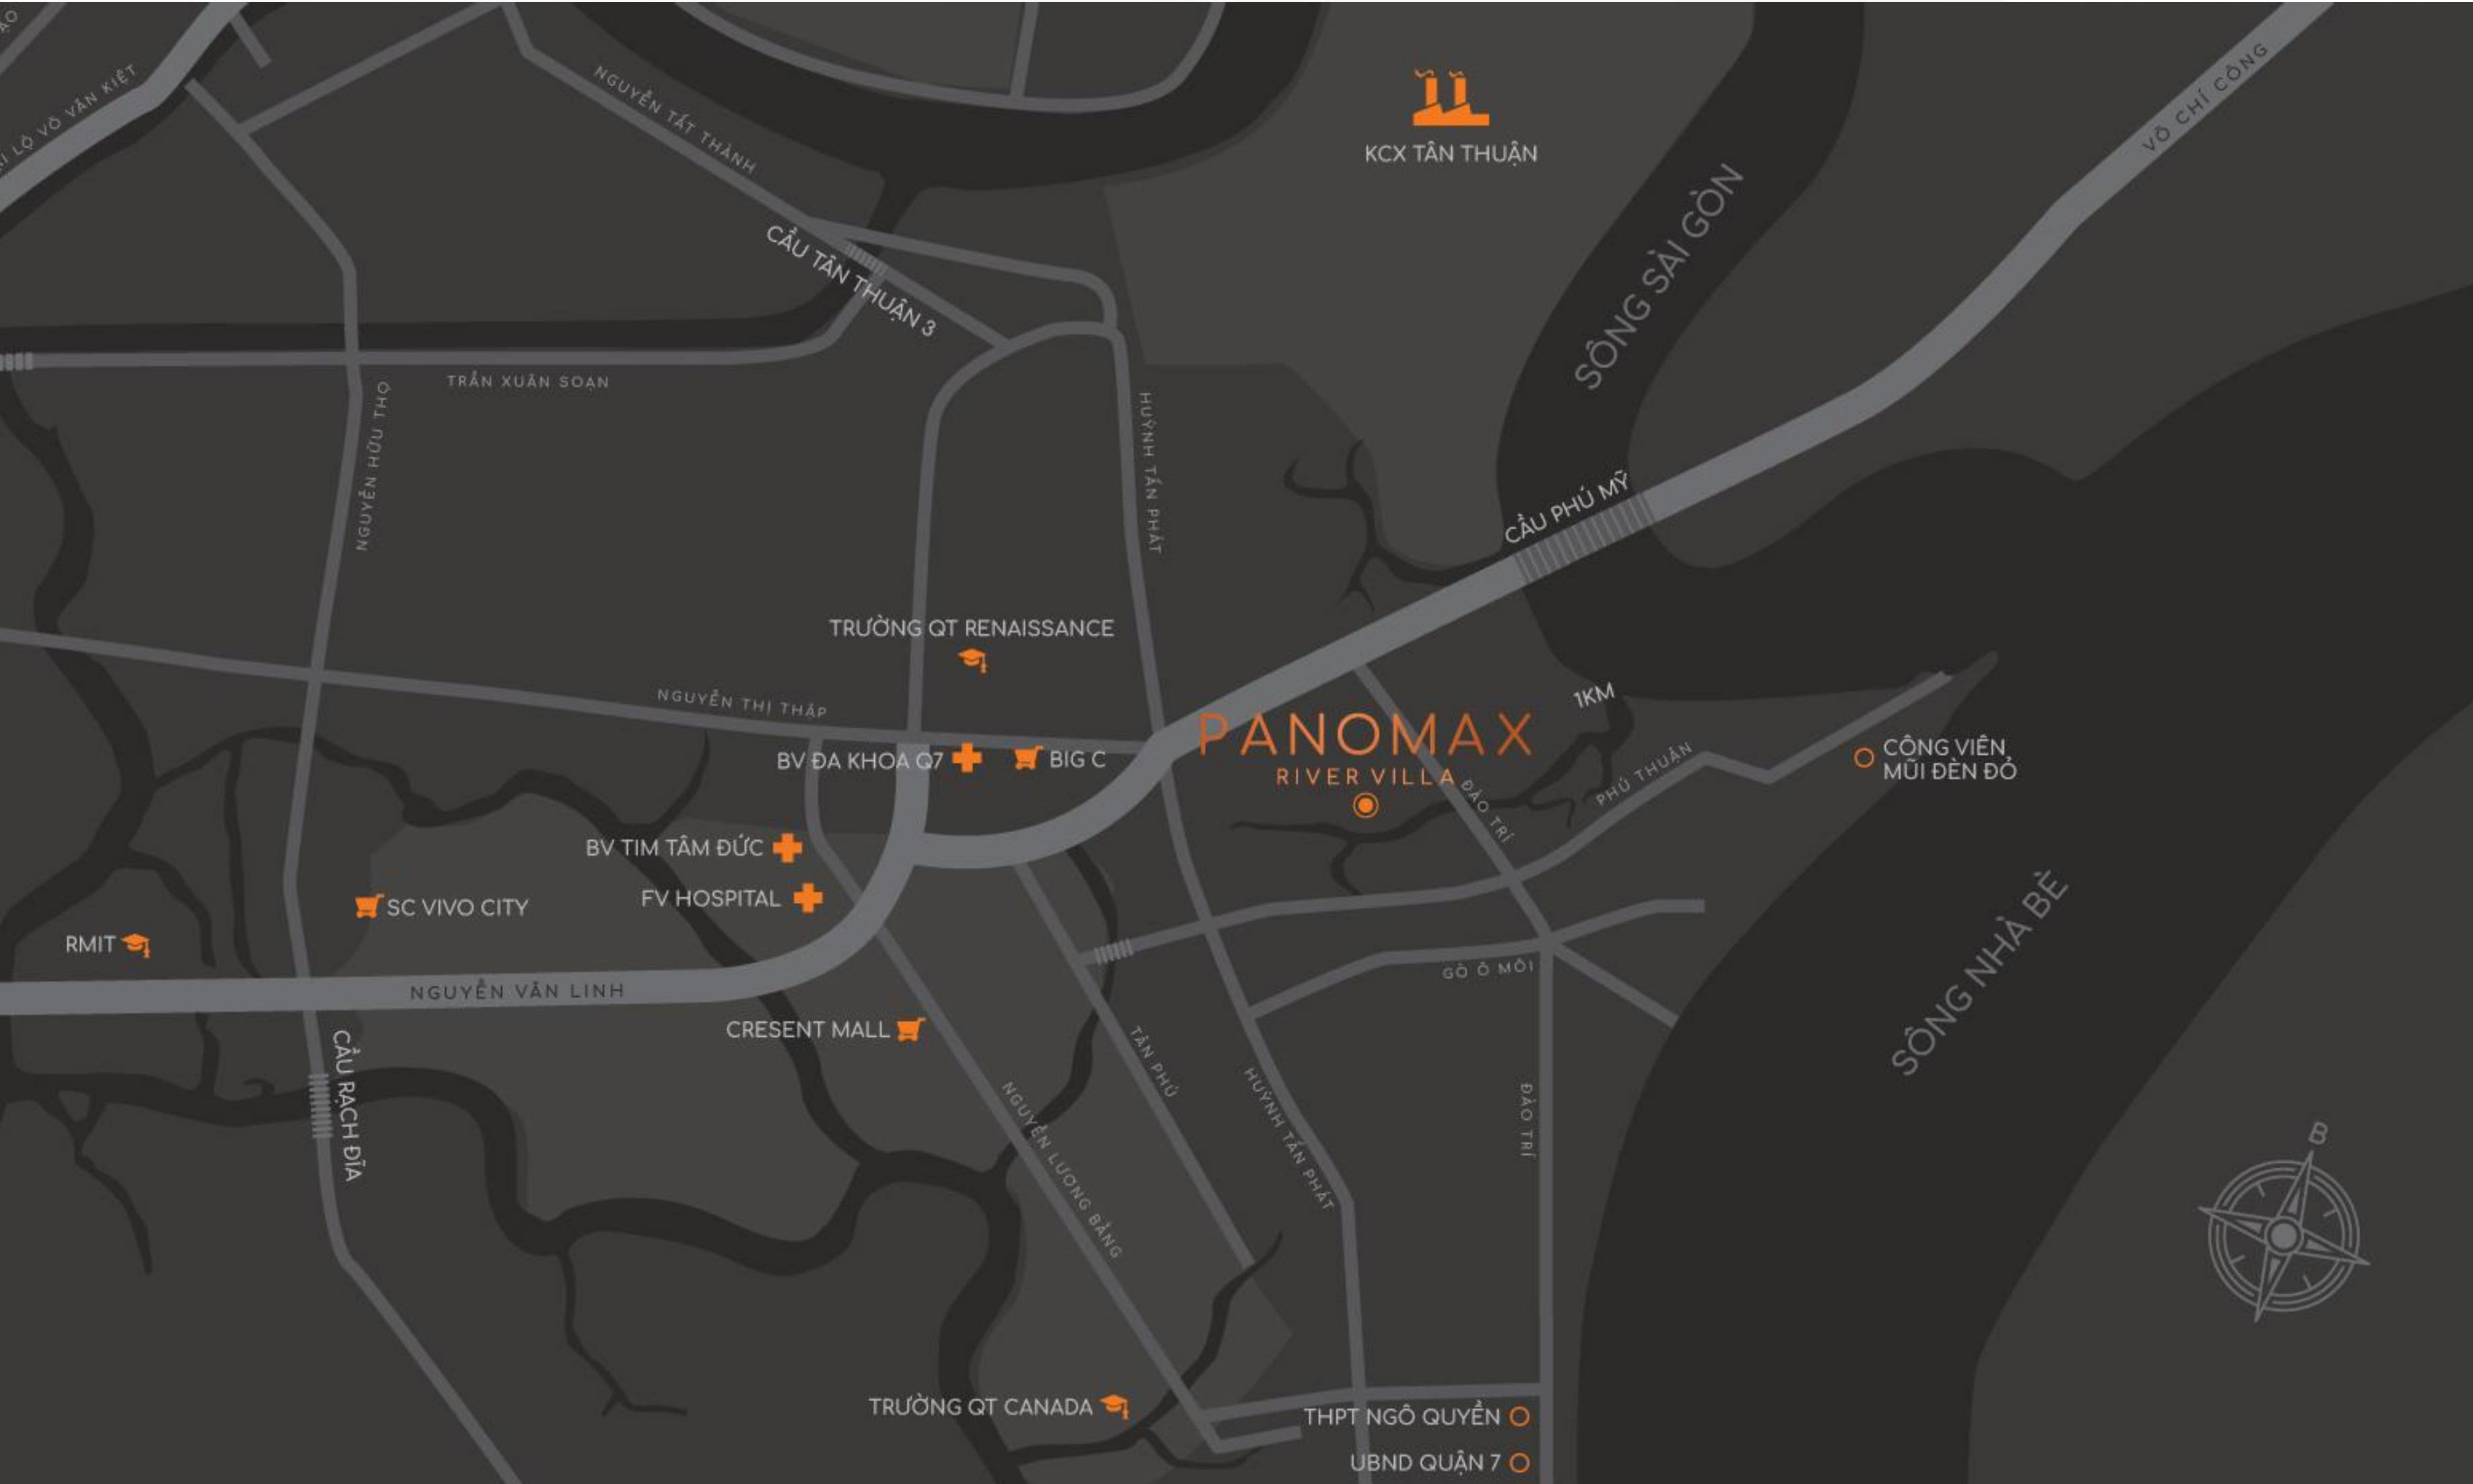 Map - Vị trí dự án Panomax River Villa Quận 7